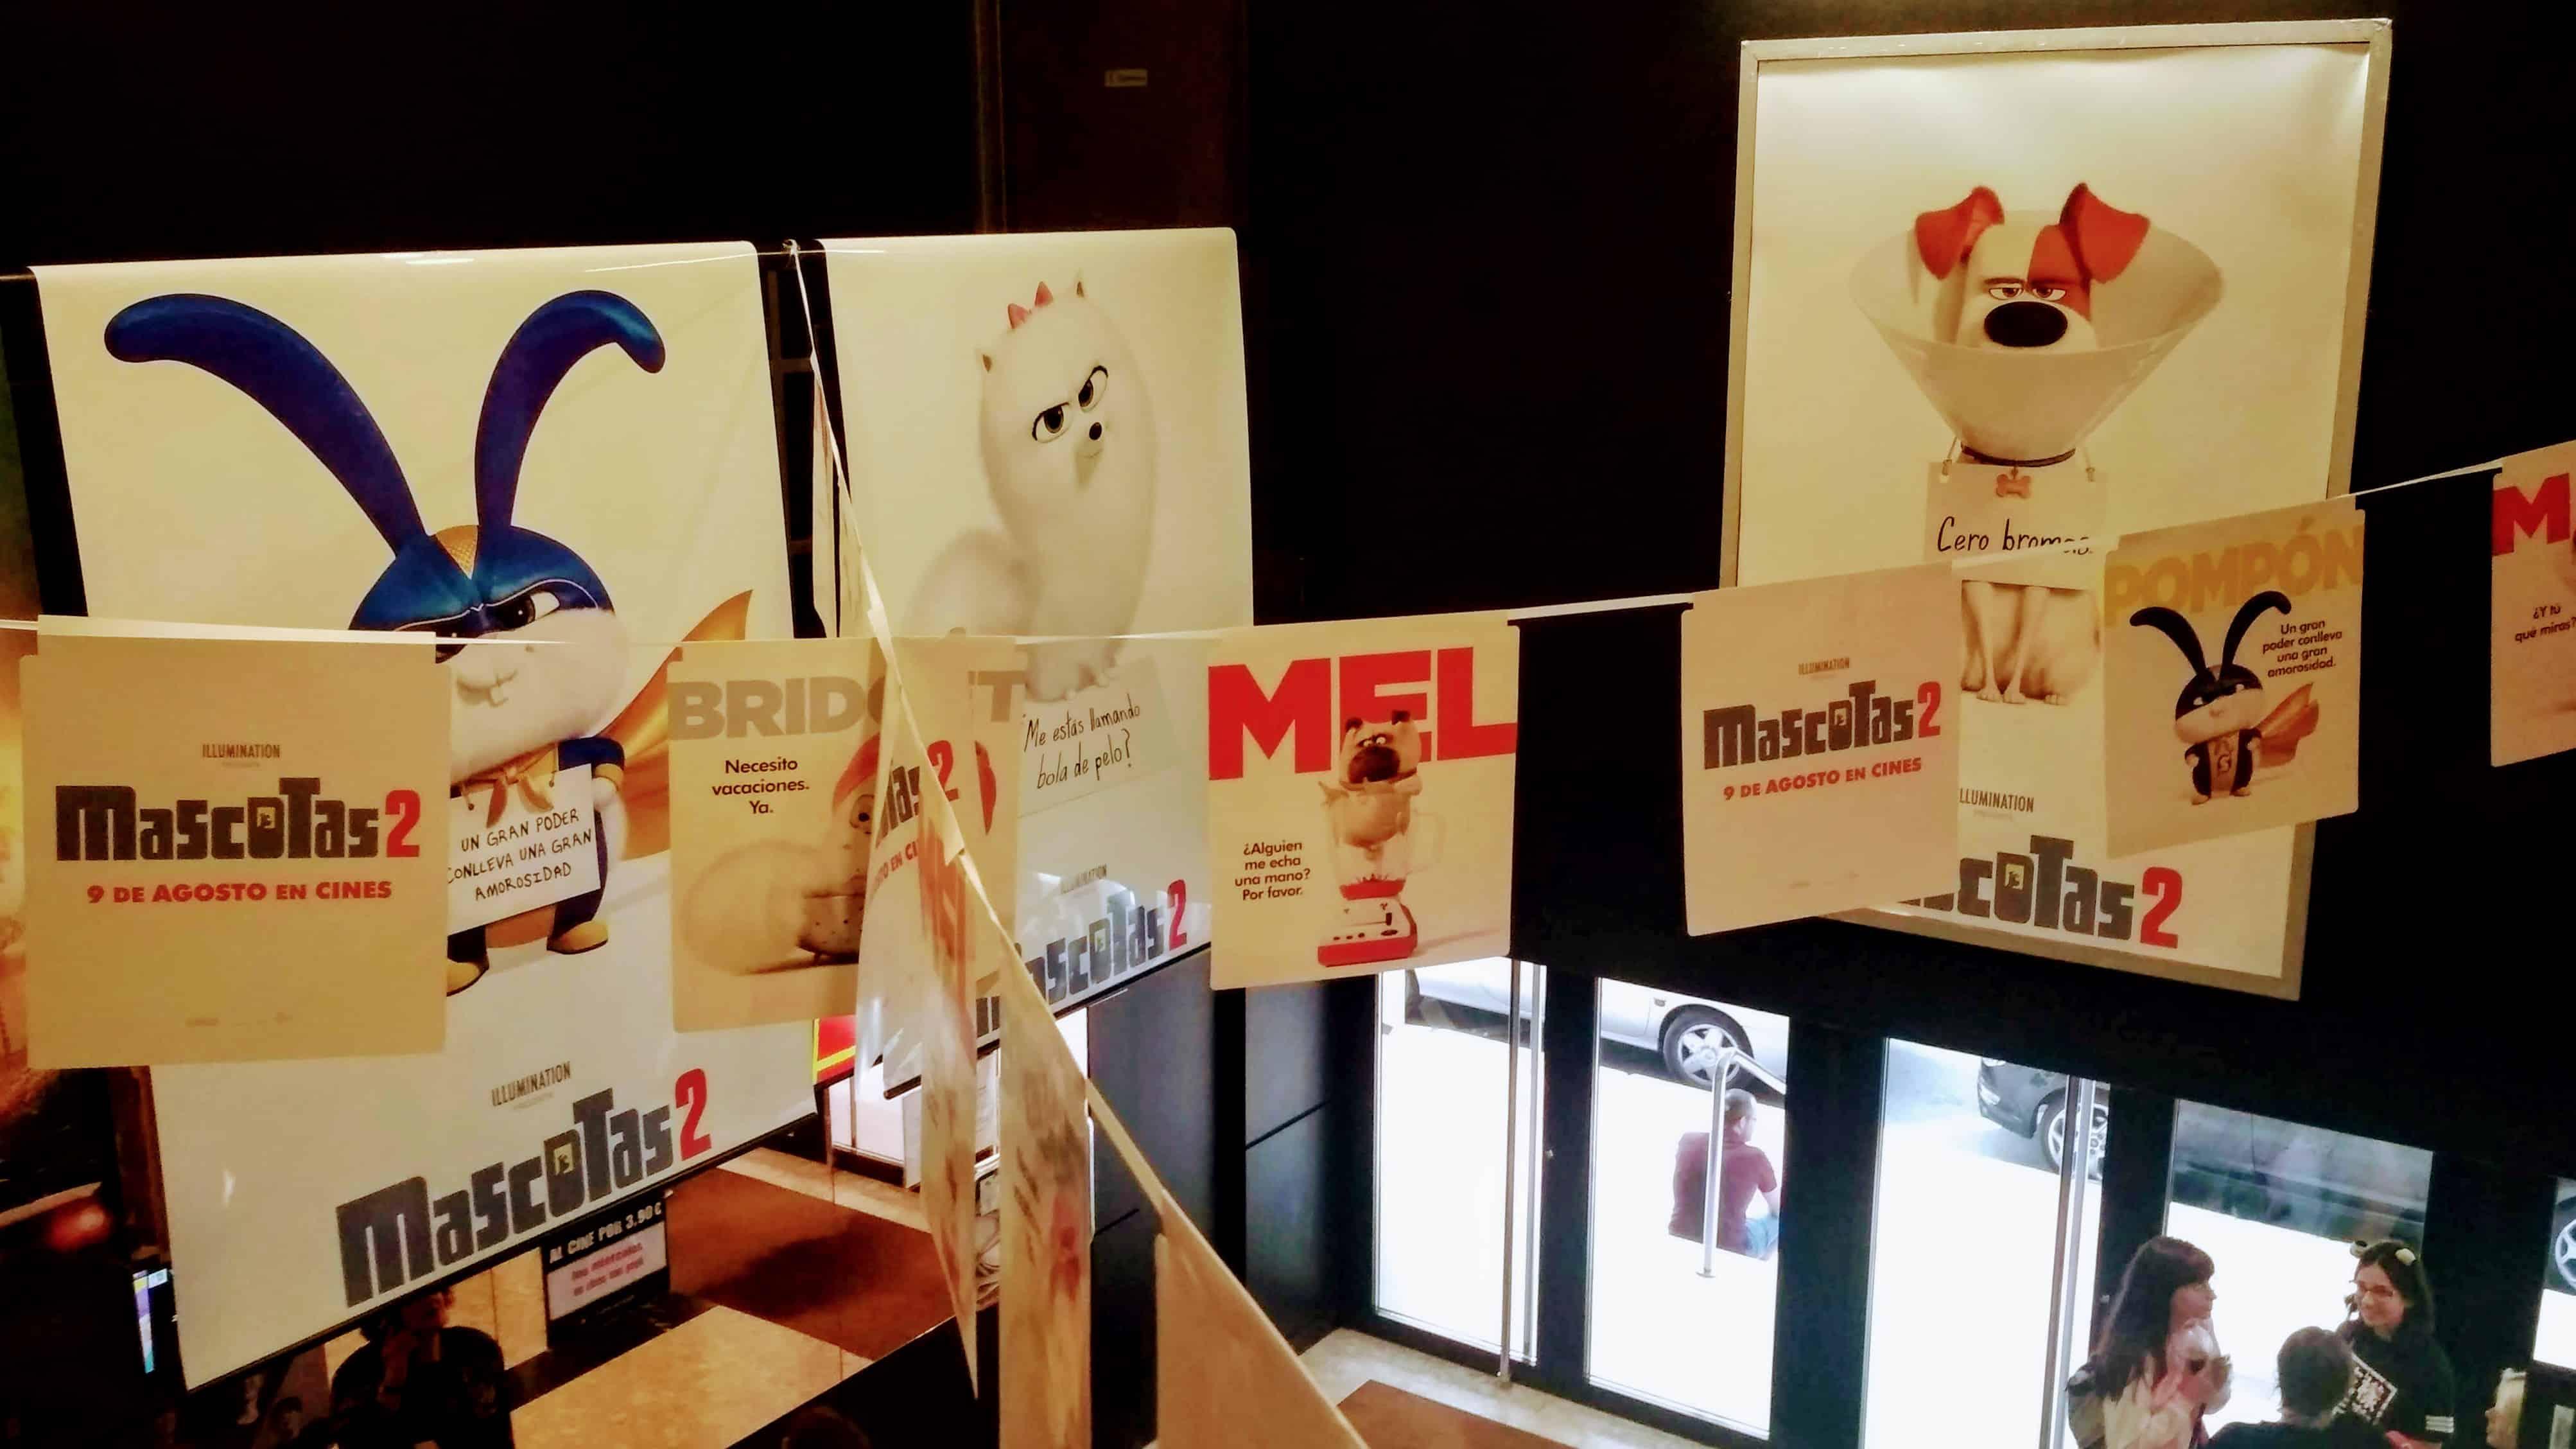 Mascotas 2. Un cine decorado con la cartelería de la peli.